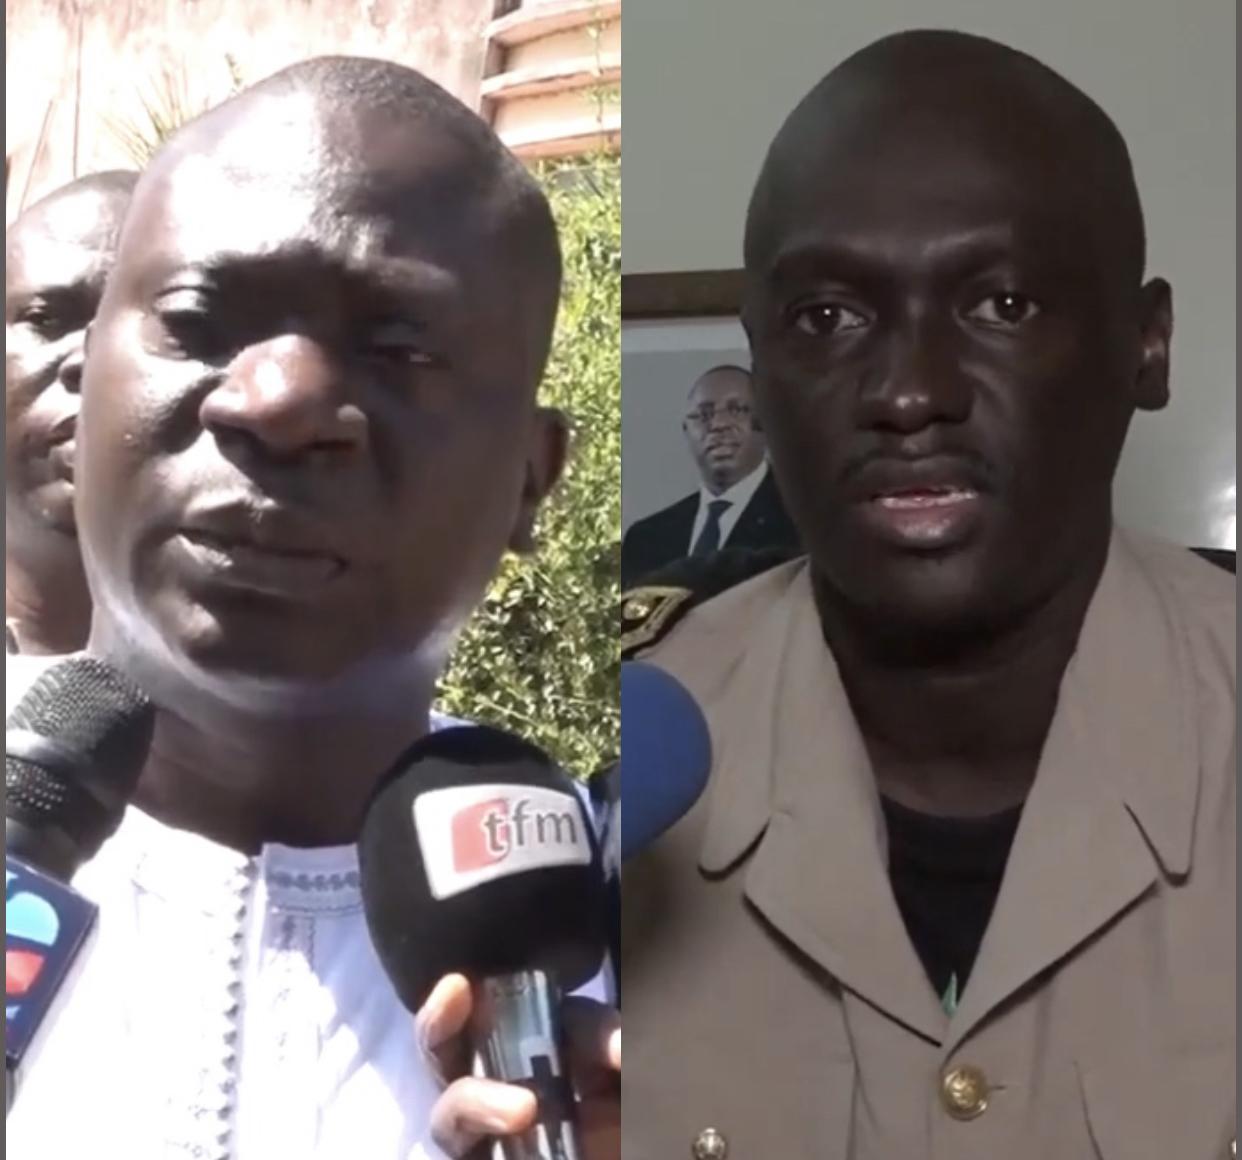 Litige foncier Oussouye-Mlomp / Le préfet a porté plainte contre le maire Edouard Lambal, pour propos  jugés « outrageants, offensants et injurieux contre sa personne et contre l'administration »